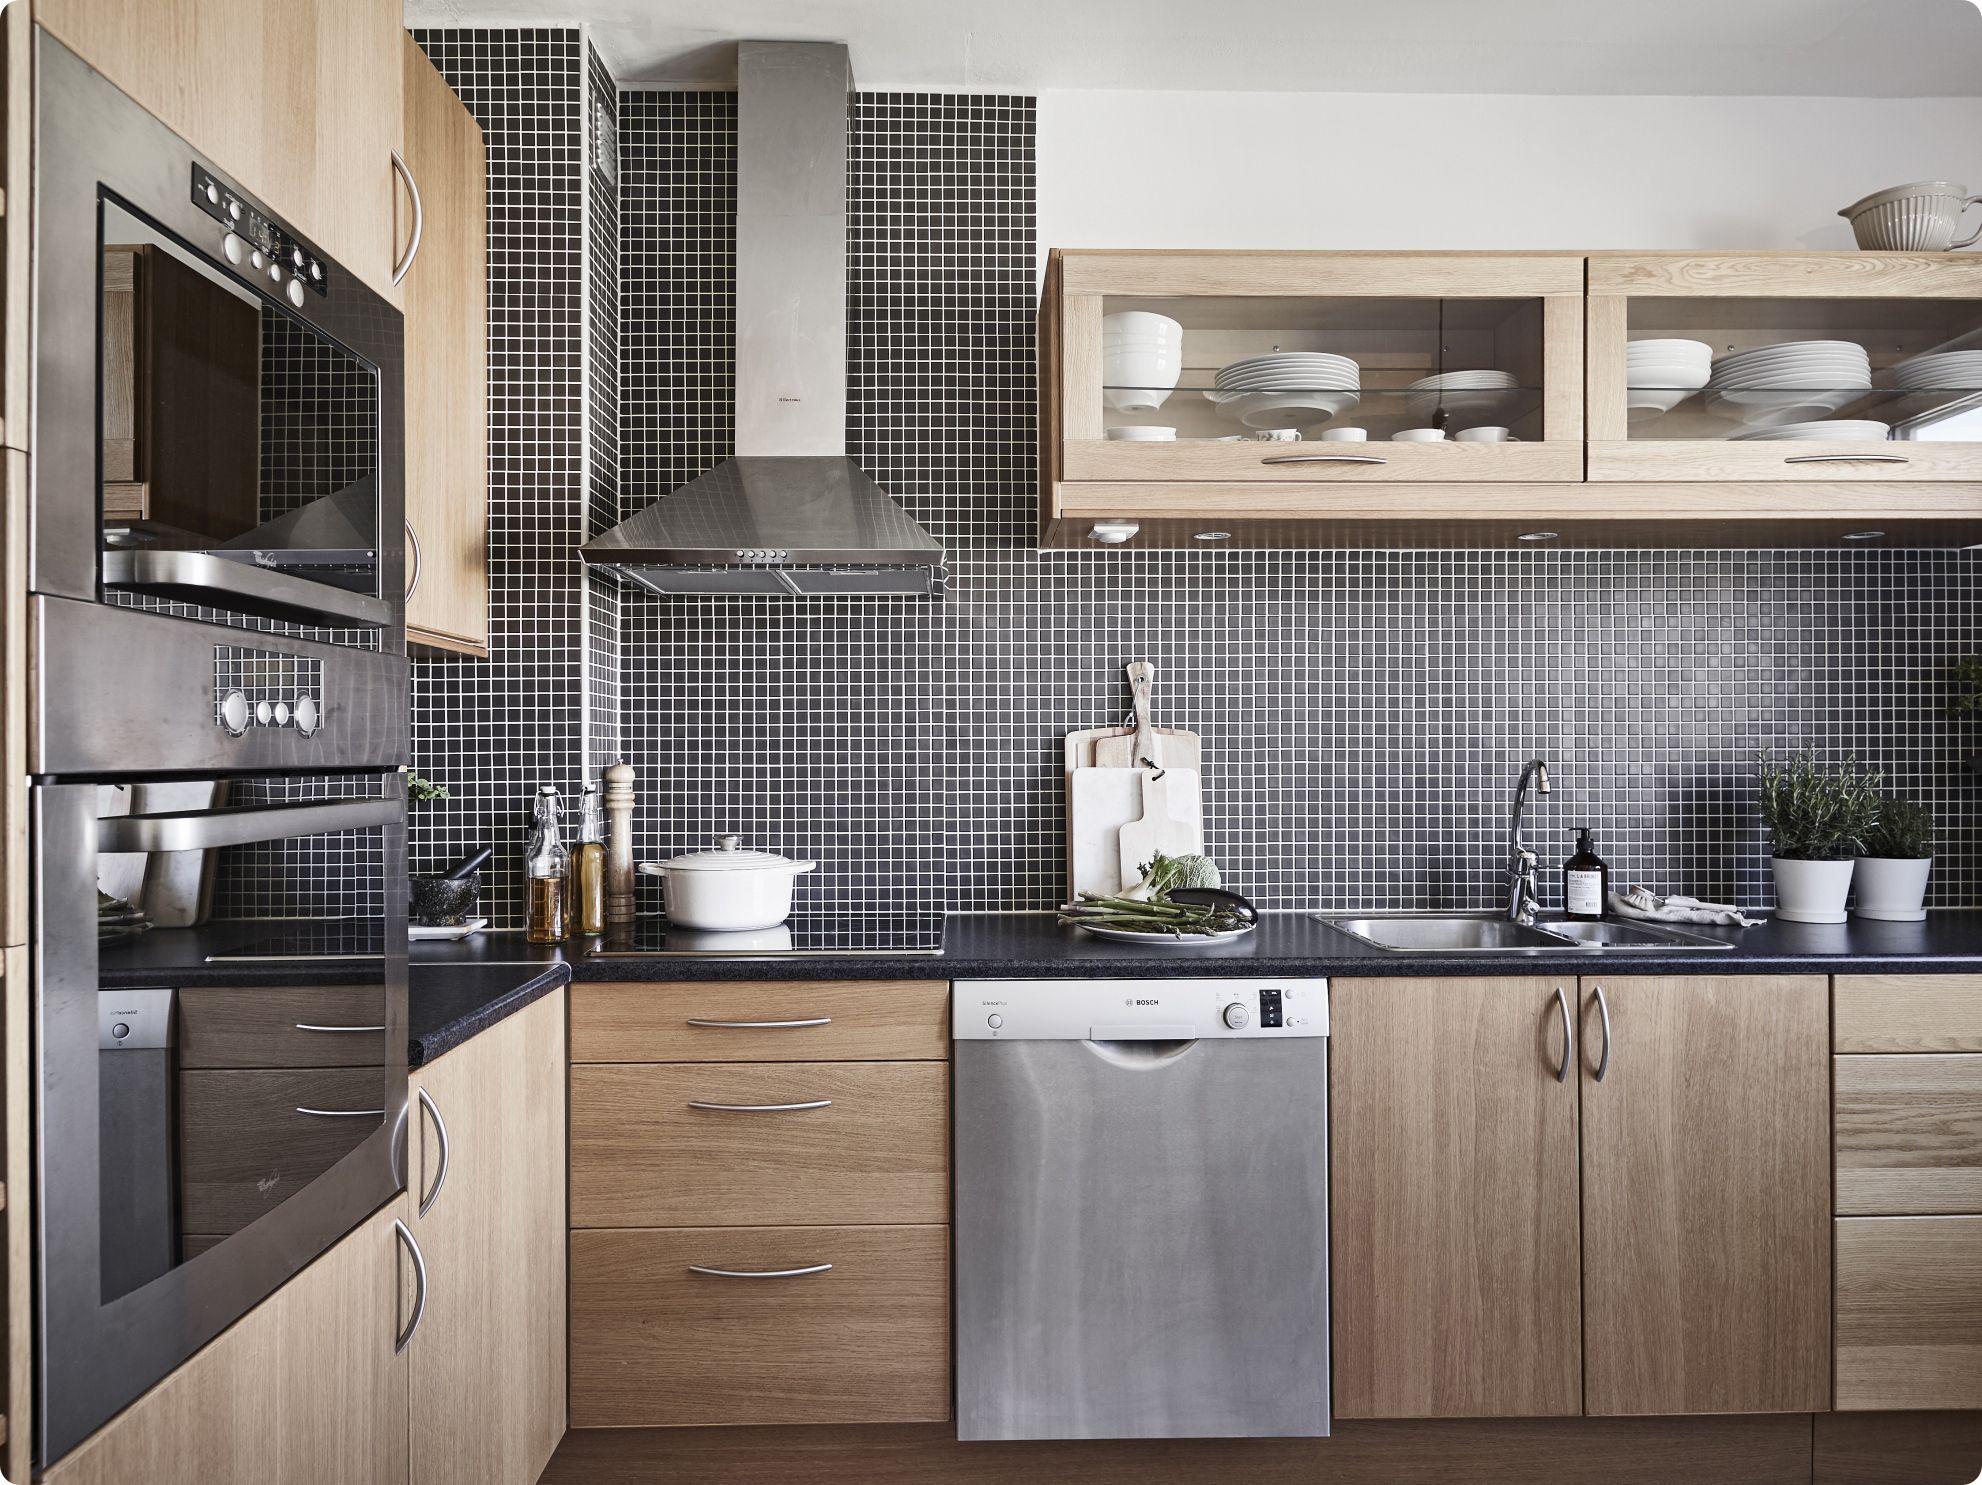 Décoration de cuisine en noir et blanc  Cuisine bois, Décoration